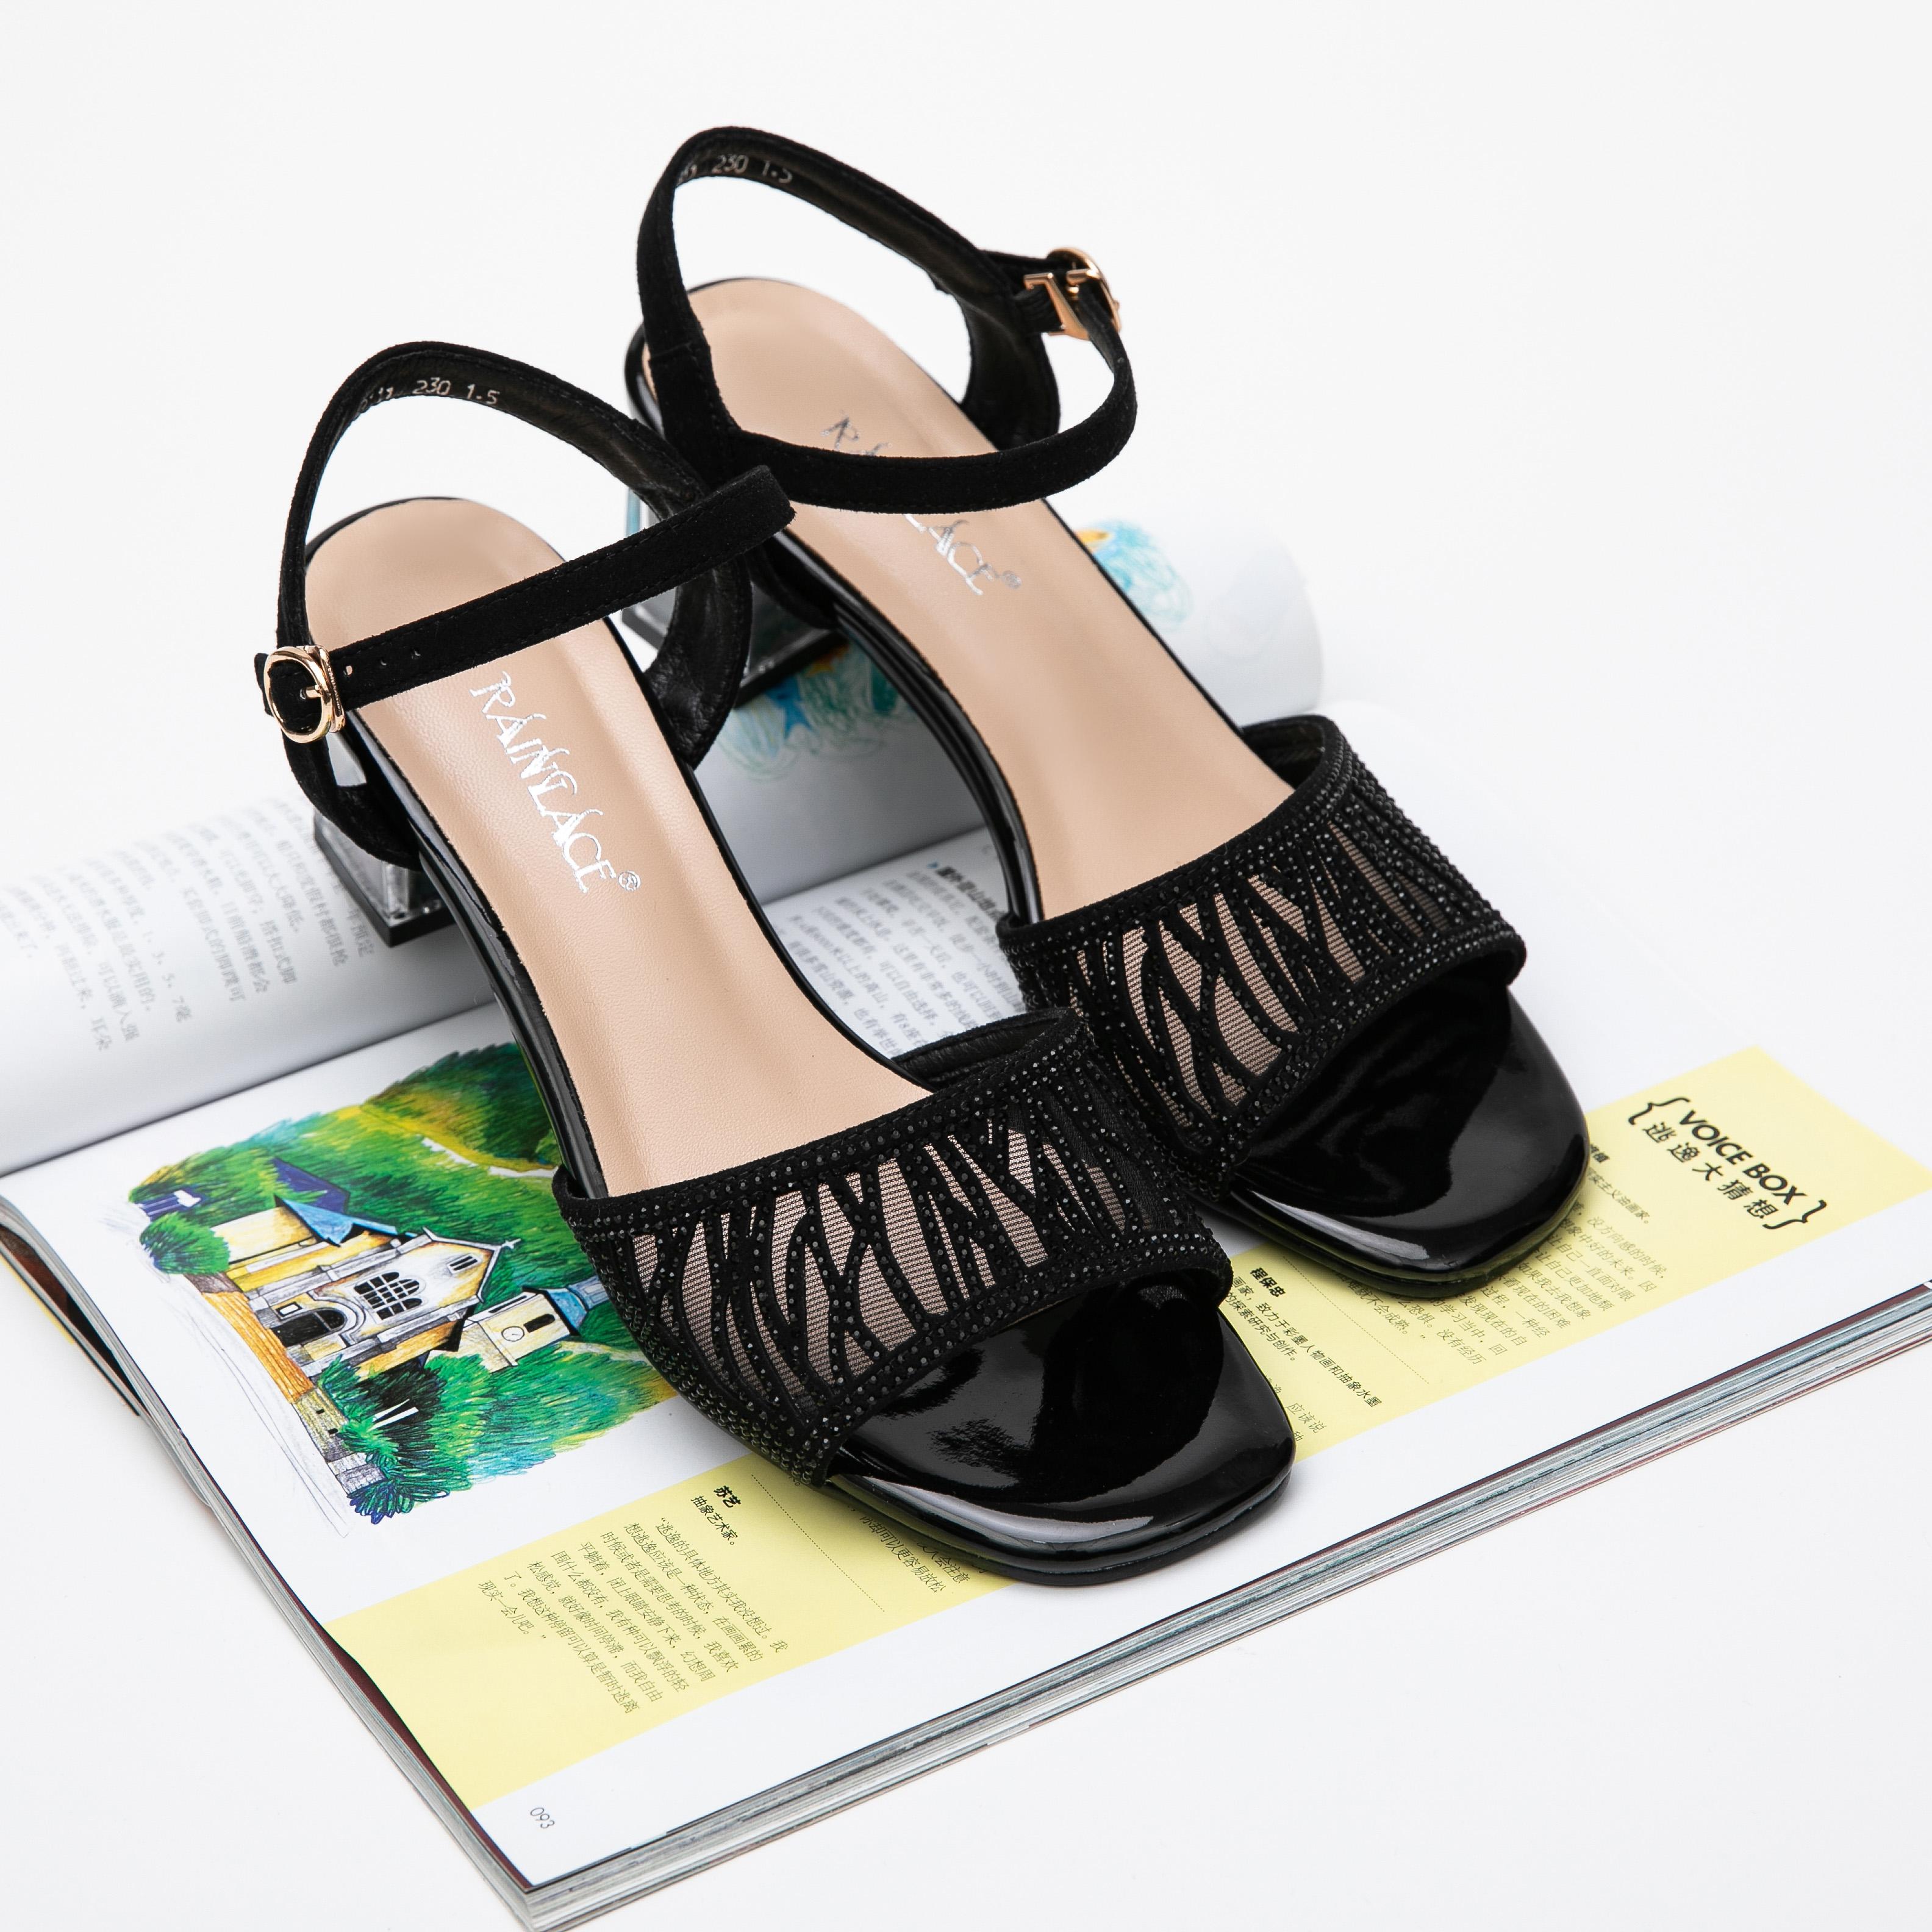 女士凉鞋2021 爆款 时尚 包邮 镶钻 镂空 中跟 百搭